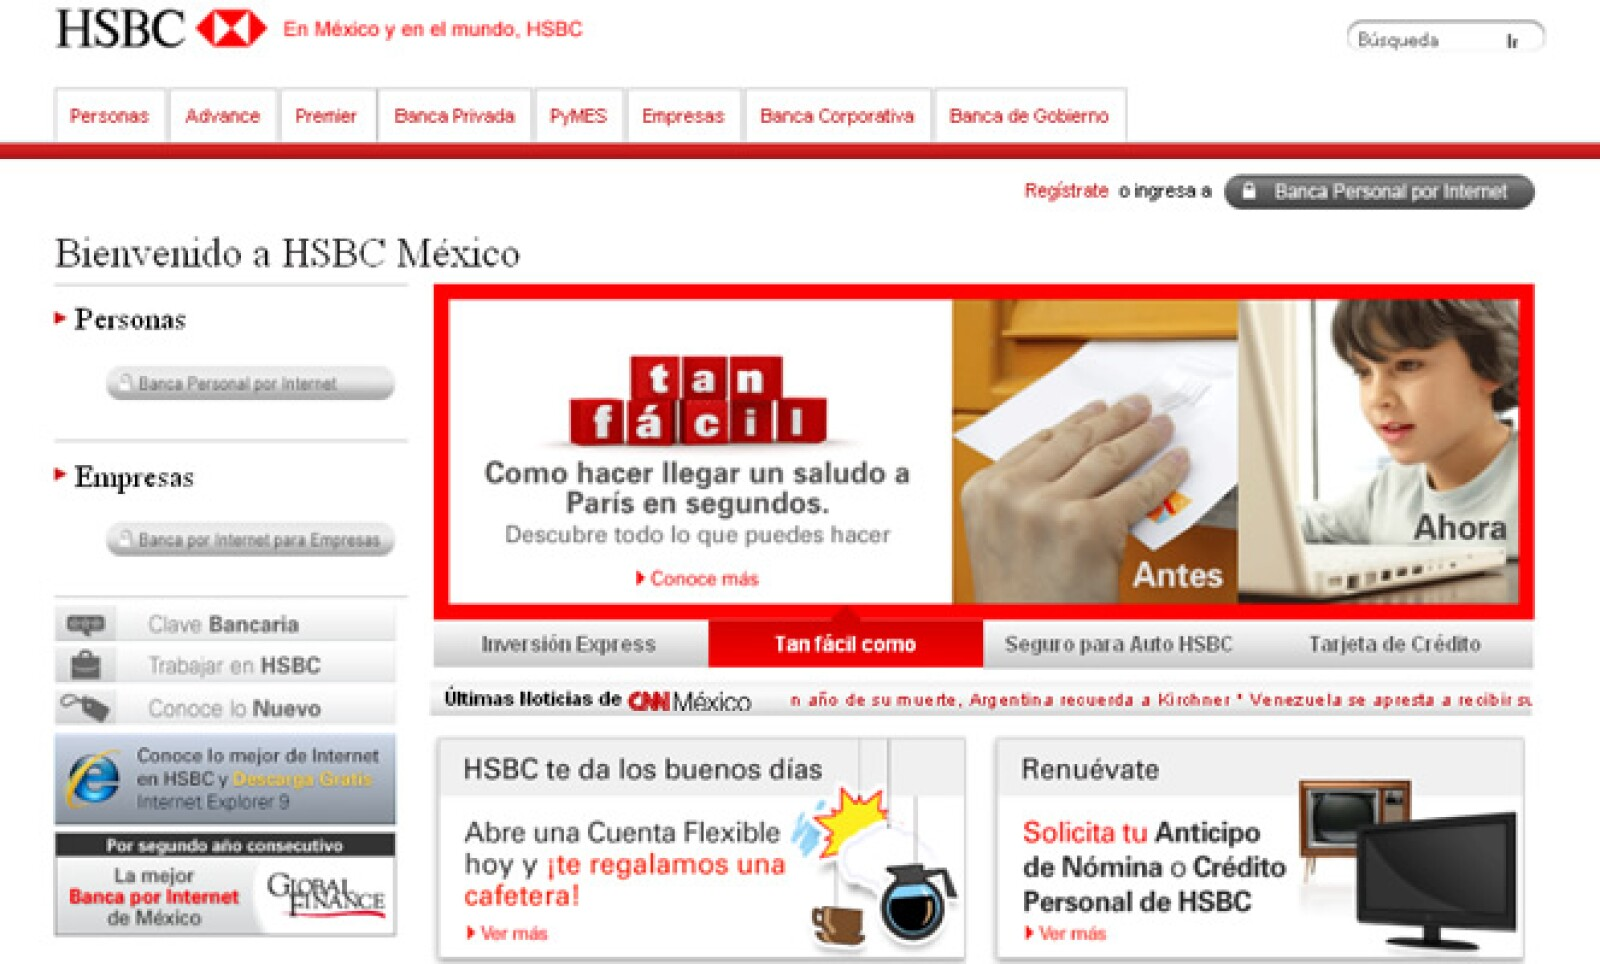 El sitio de Grupo Financiero HSBC da a sus clientes una experiencia personalizada, por medio de proporcionarles productos, información y servicios a su medida.